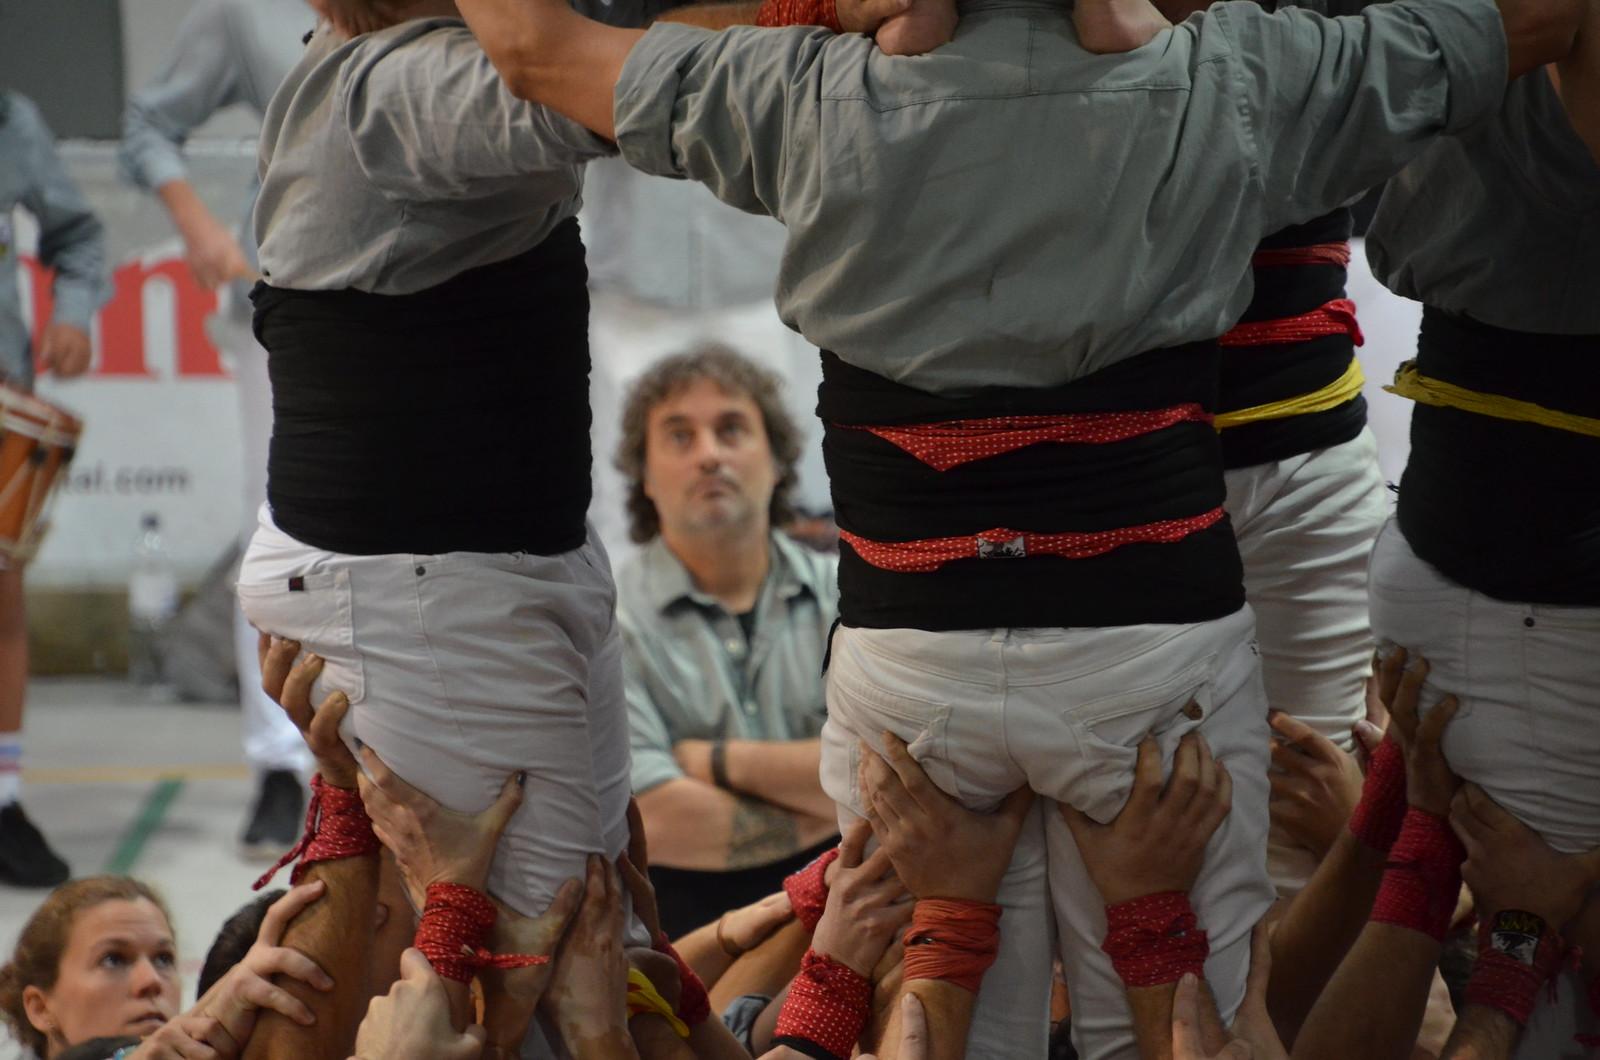 XXVIa Diada de la Colla Jove de Sitges, Sitges 27 d'octubre de 2018